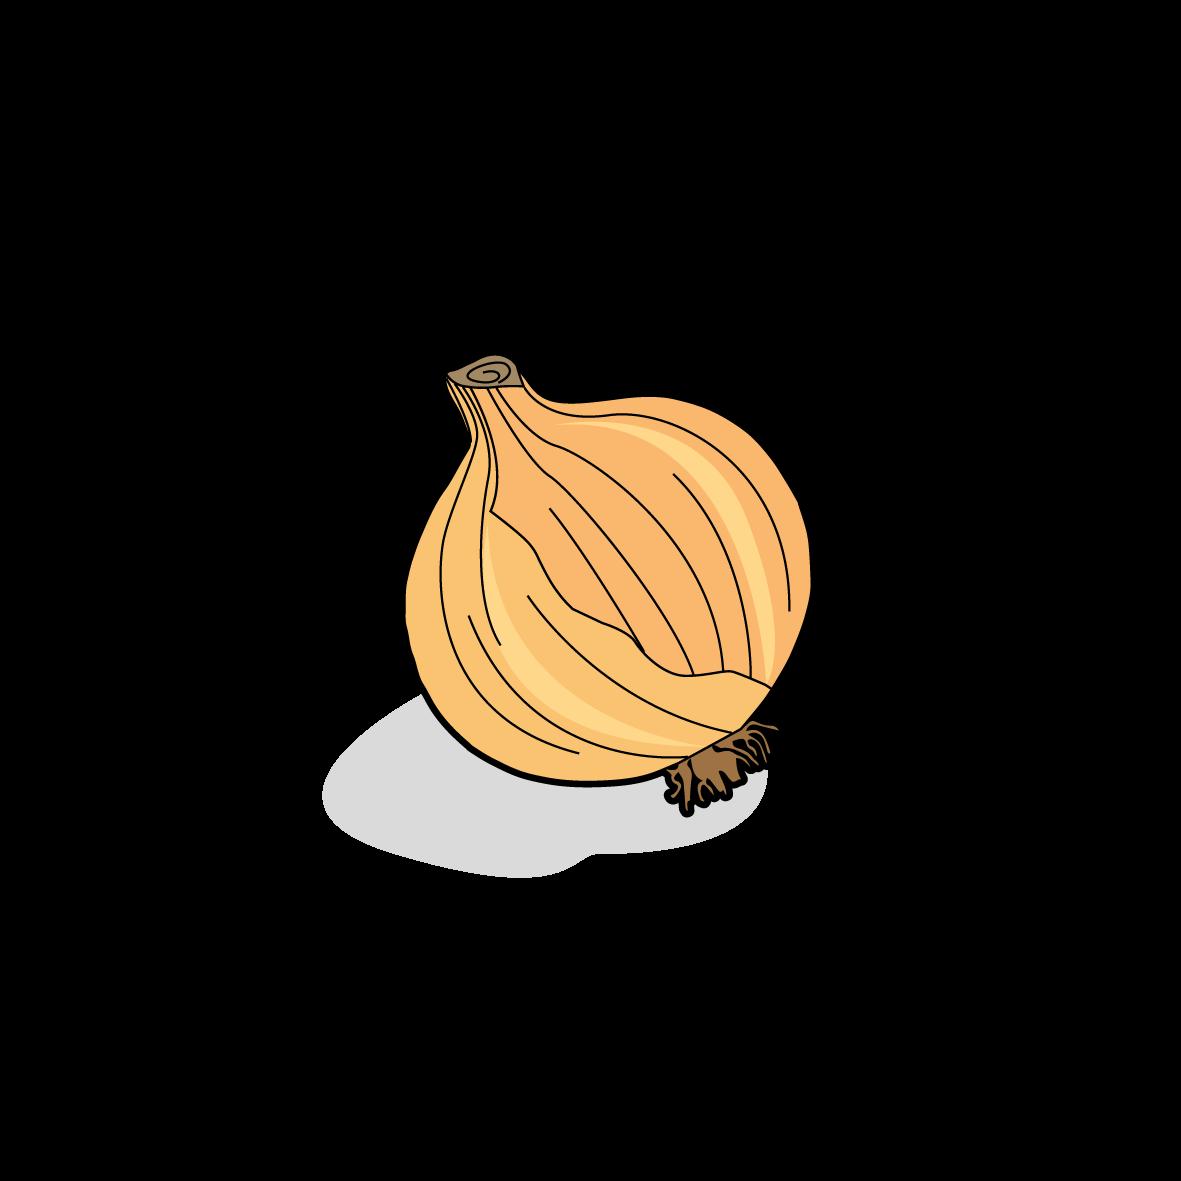 Icone d'un potiron, ailmacocotte.com